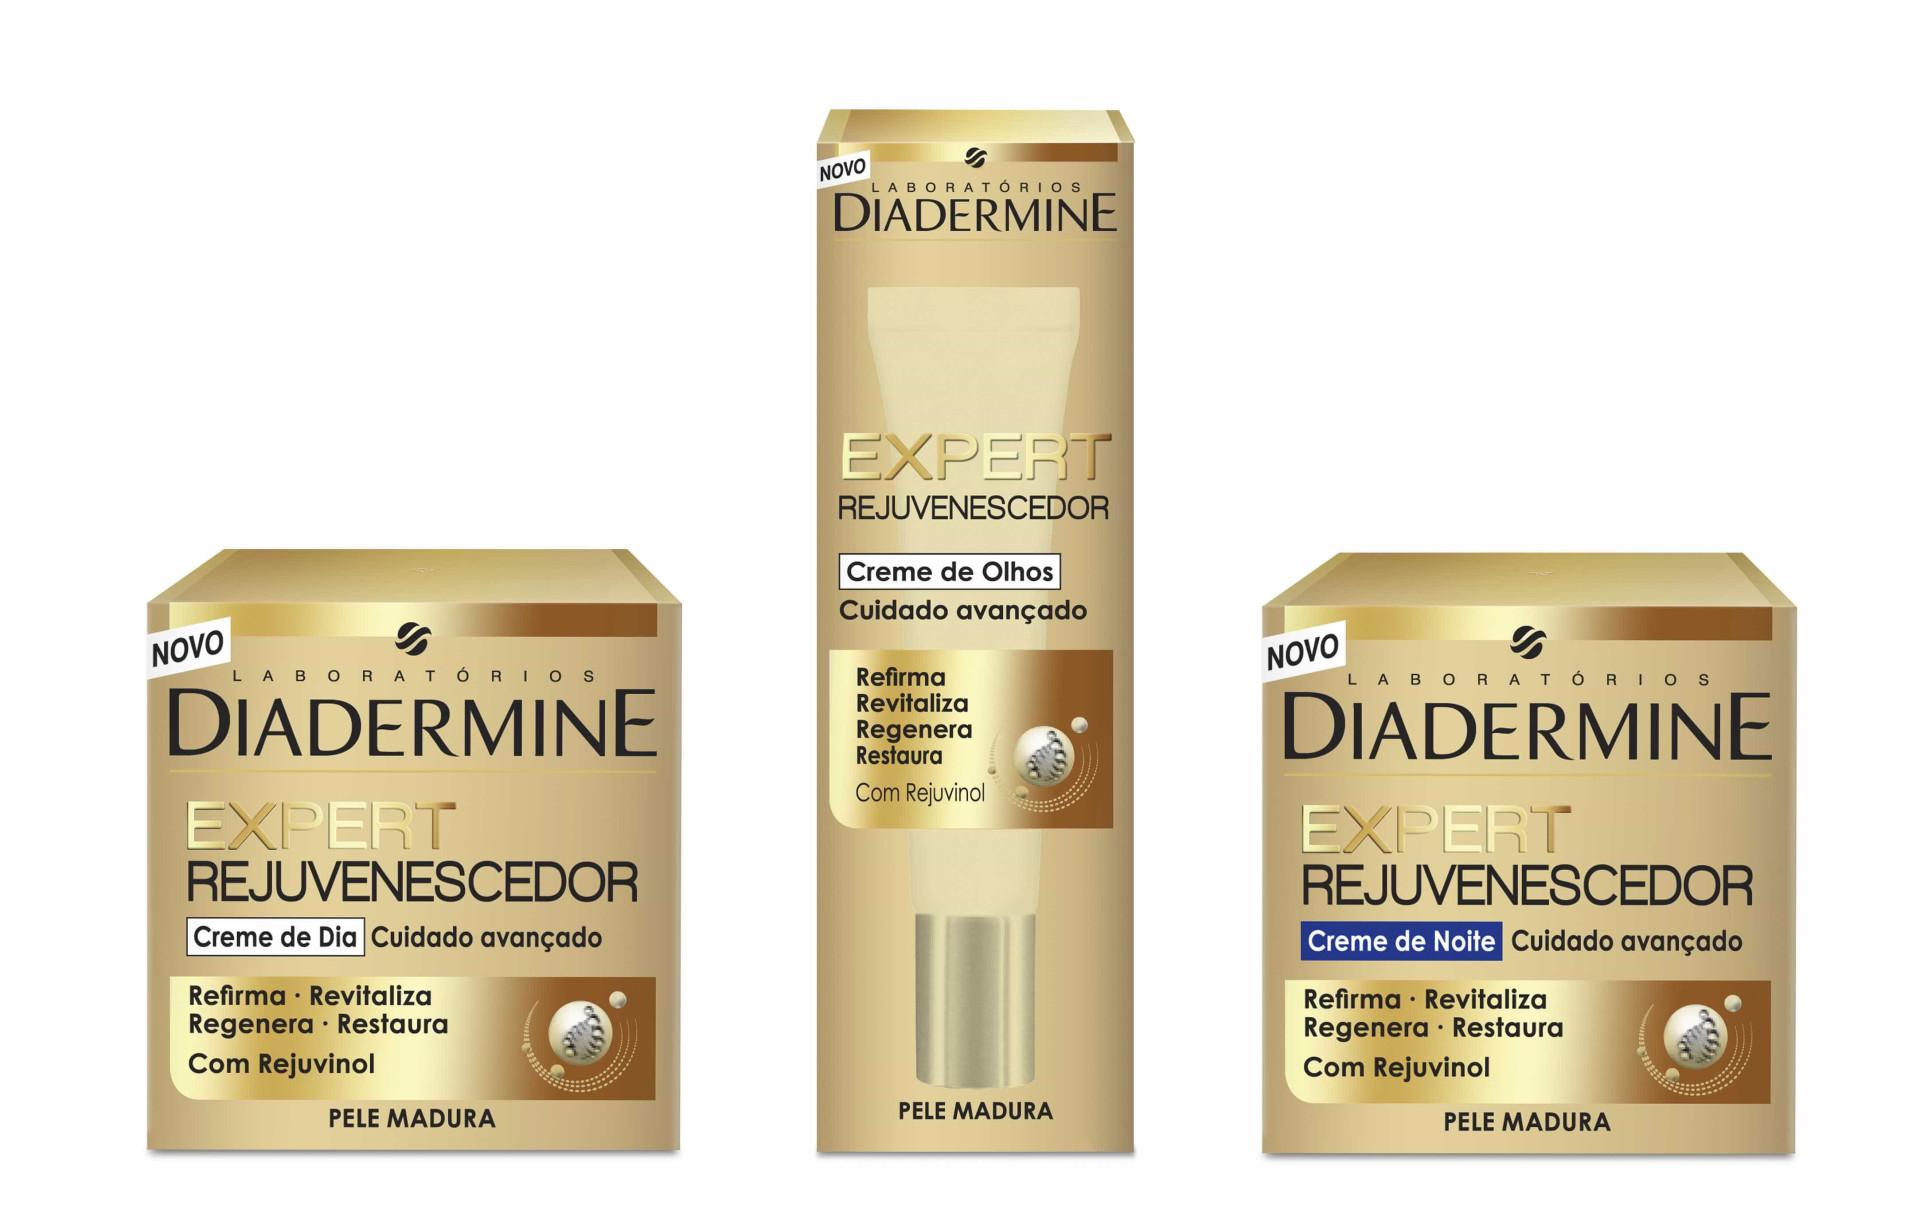 Diadermine lança gama com tecnologia vencedora de Nobel